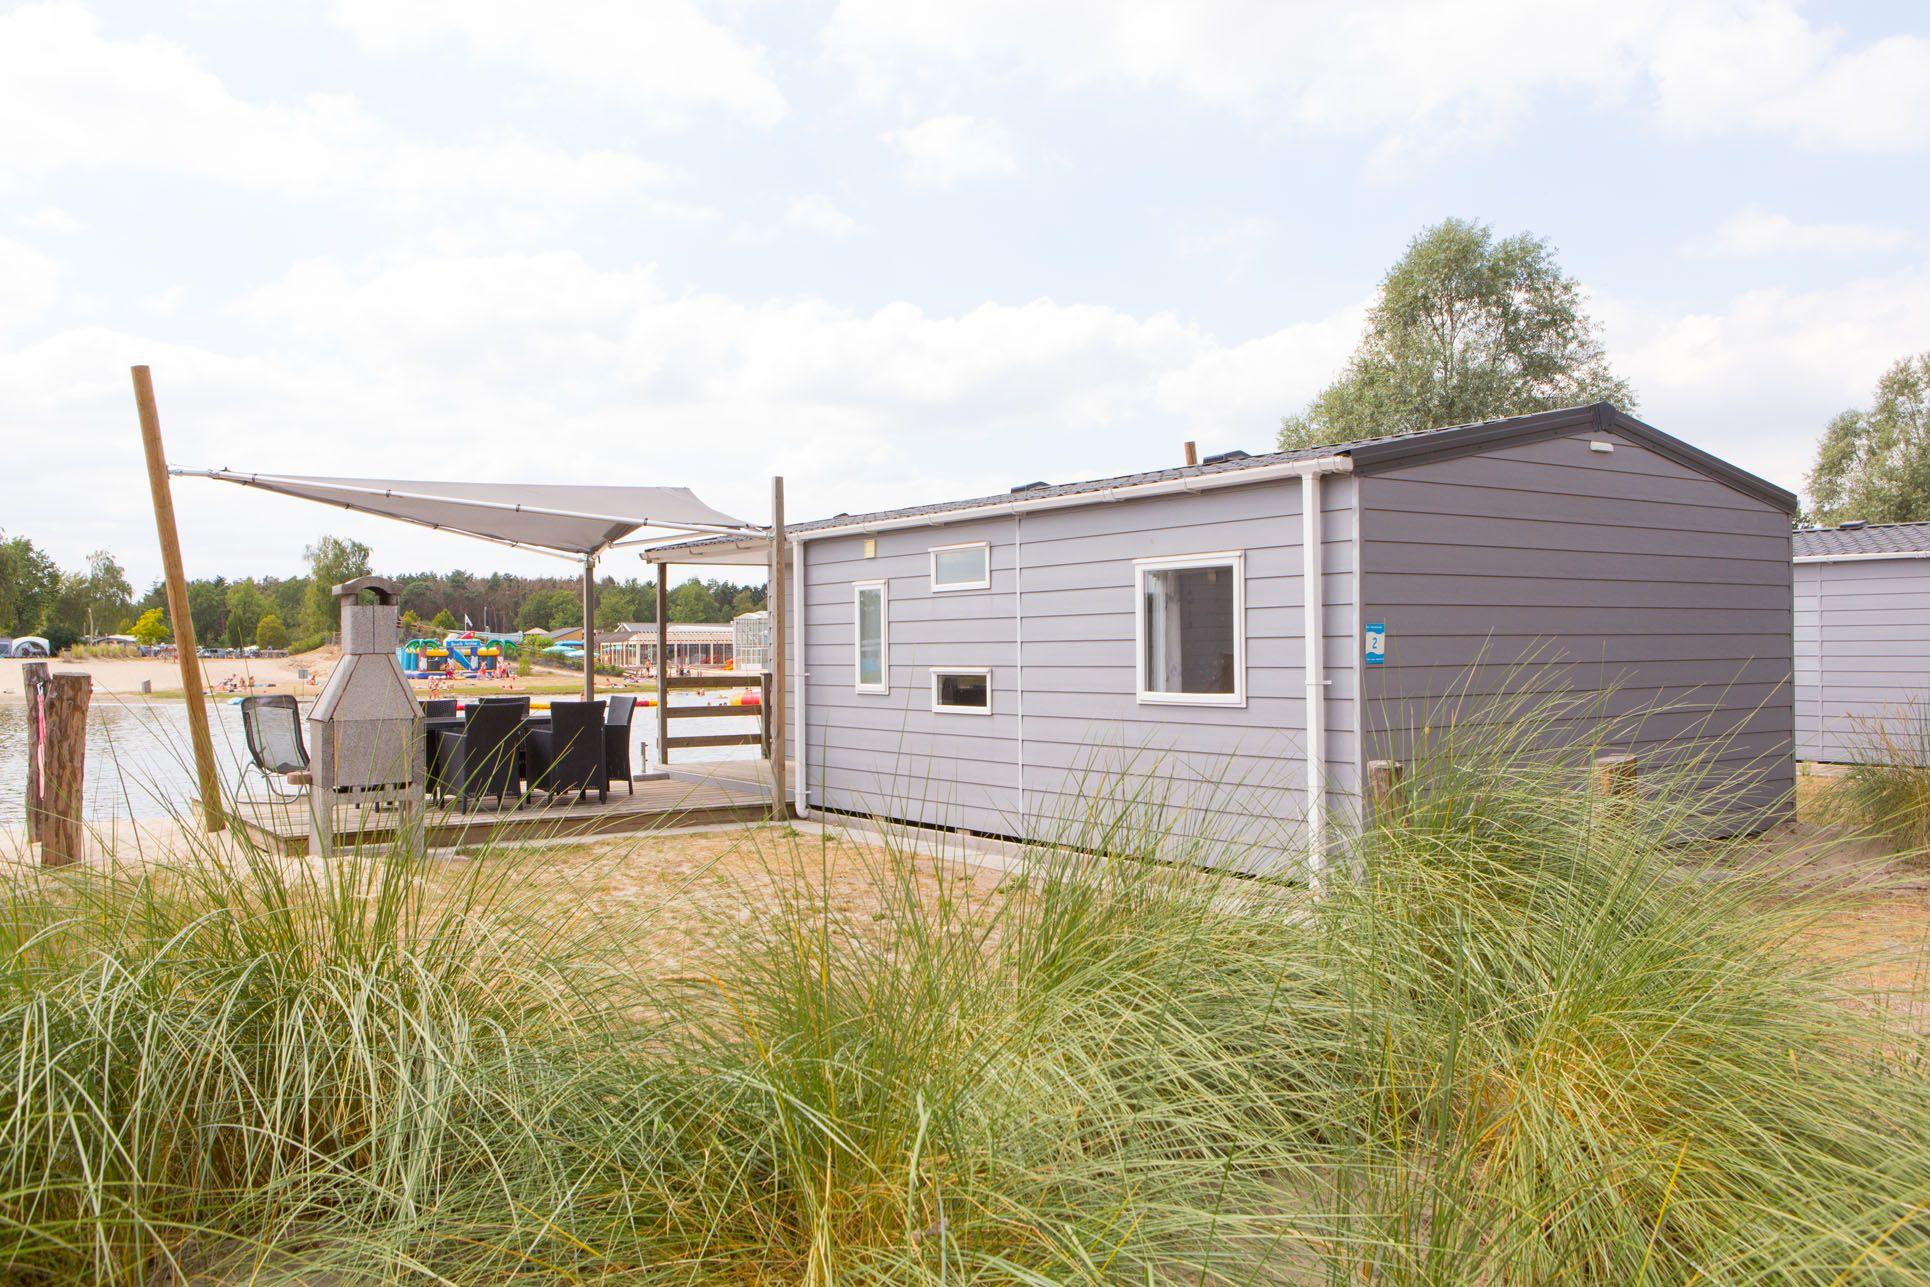 Herfstvakantie kamperen met overdekte voorzieningen - Herfstvakantie kamperen in Overijssel